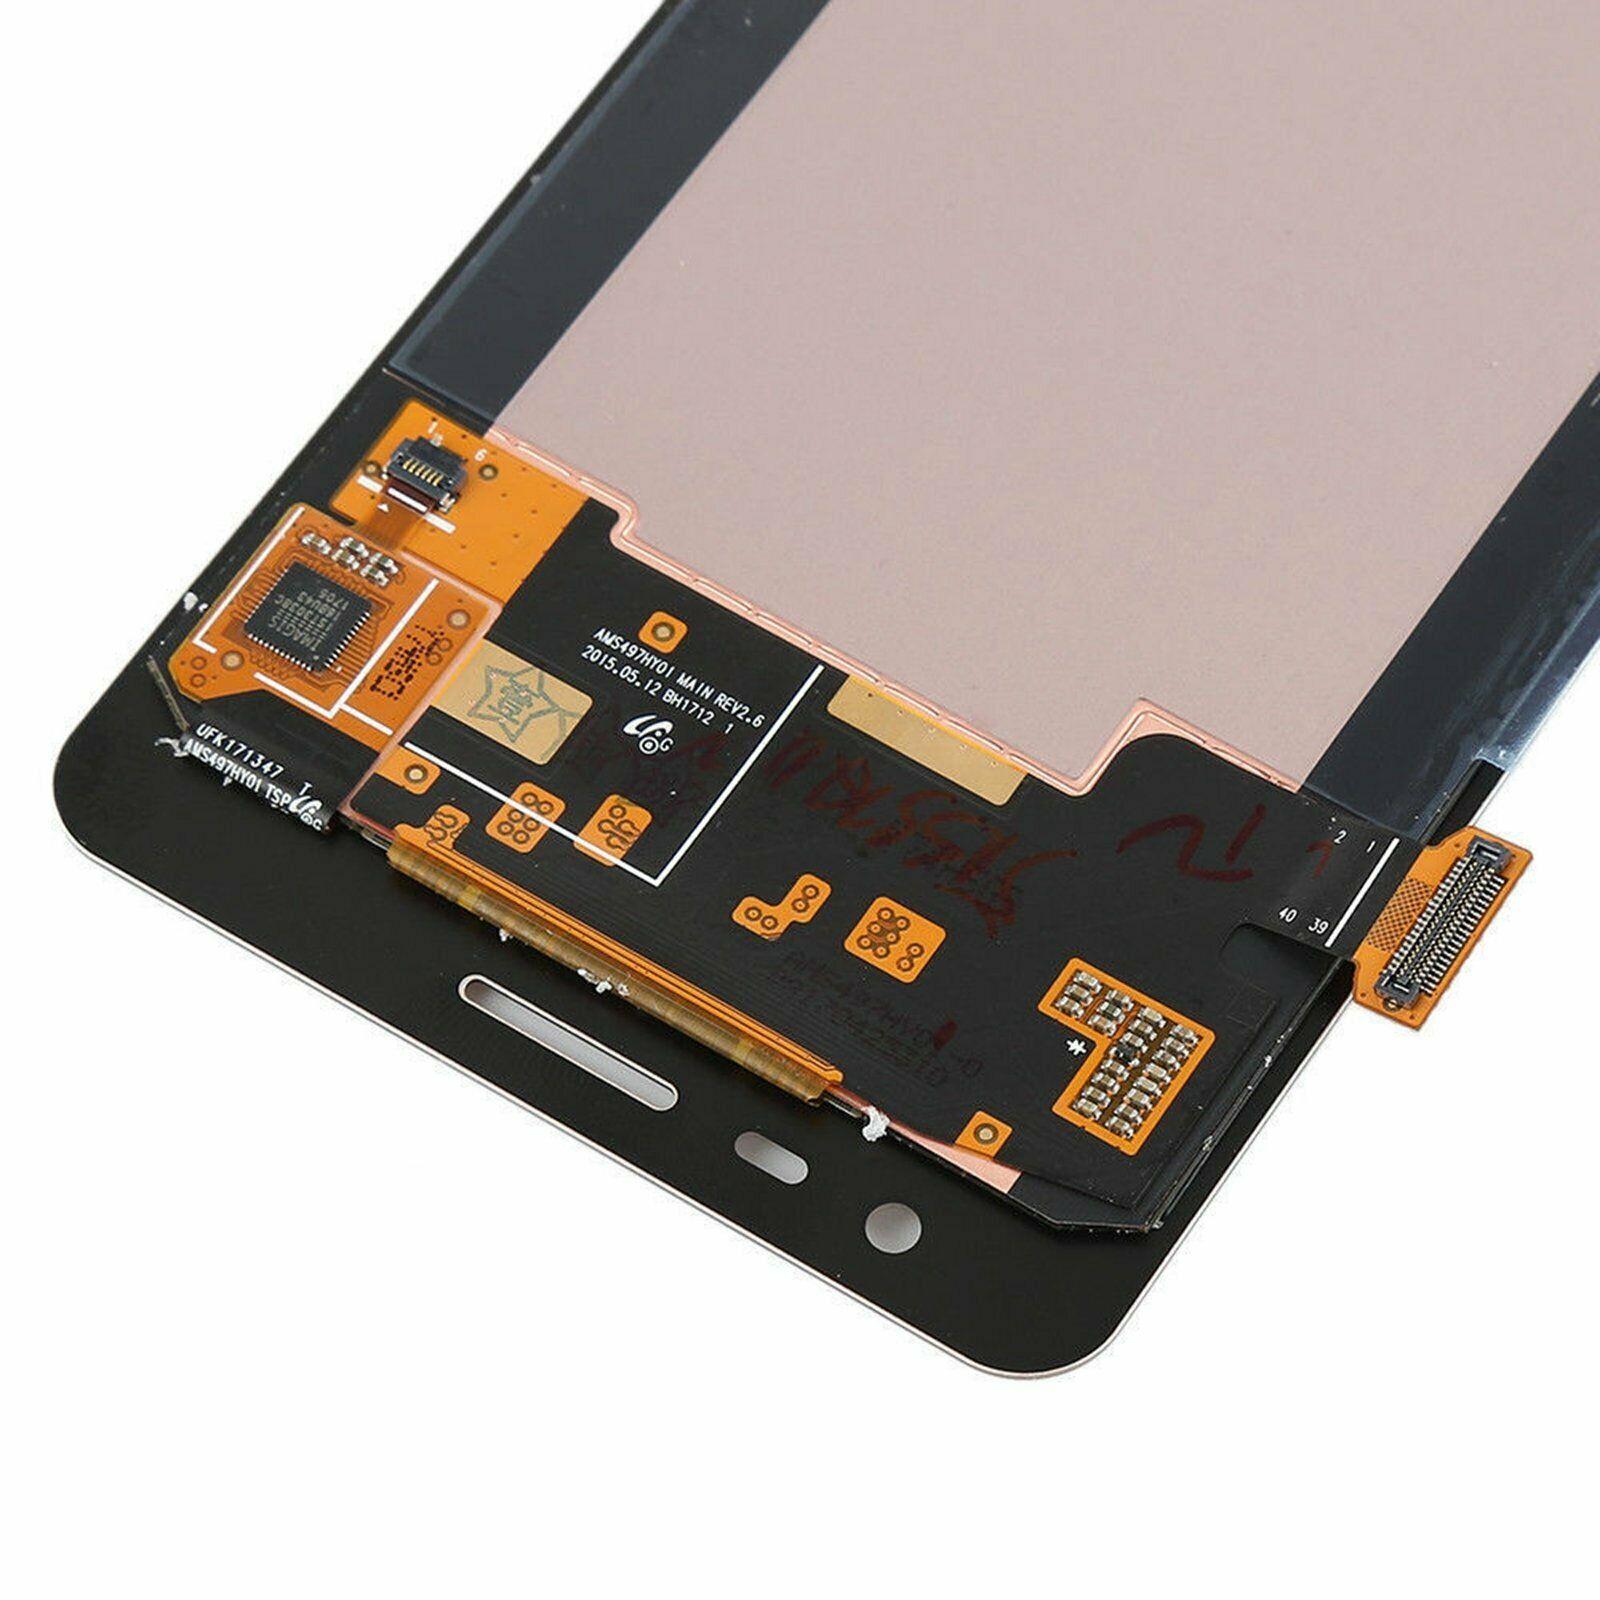 ال-سی-دی-تی-اف-تی-TFT-سامسونگ-گلکسی-جی-تری-پرو-Samsung-SM-J3110F-Galaxy-J3-Pro.....jpg